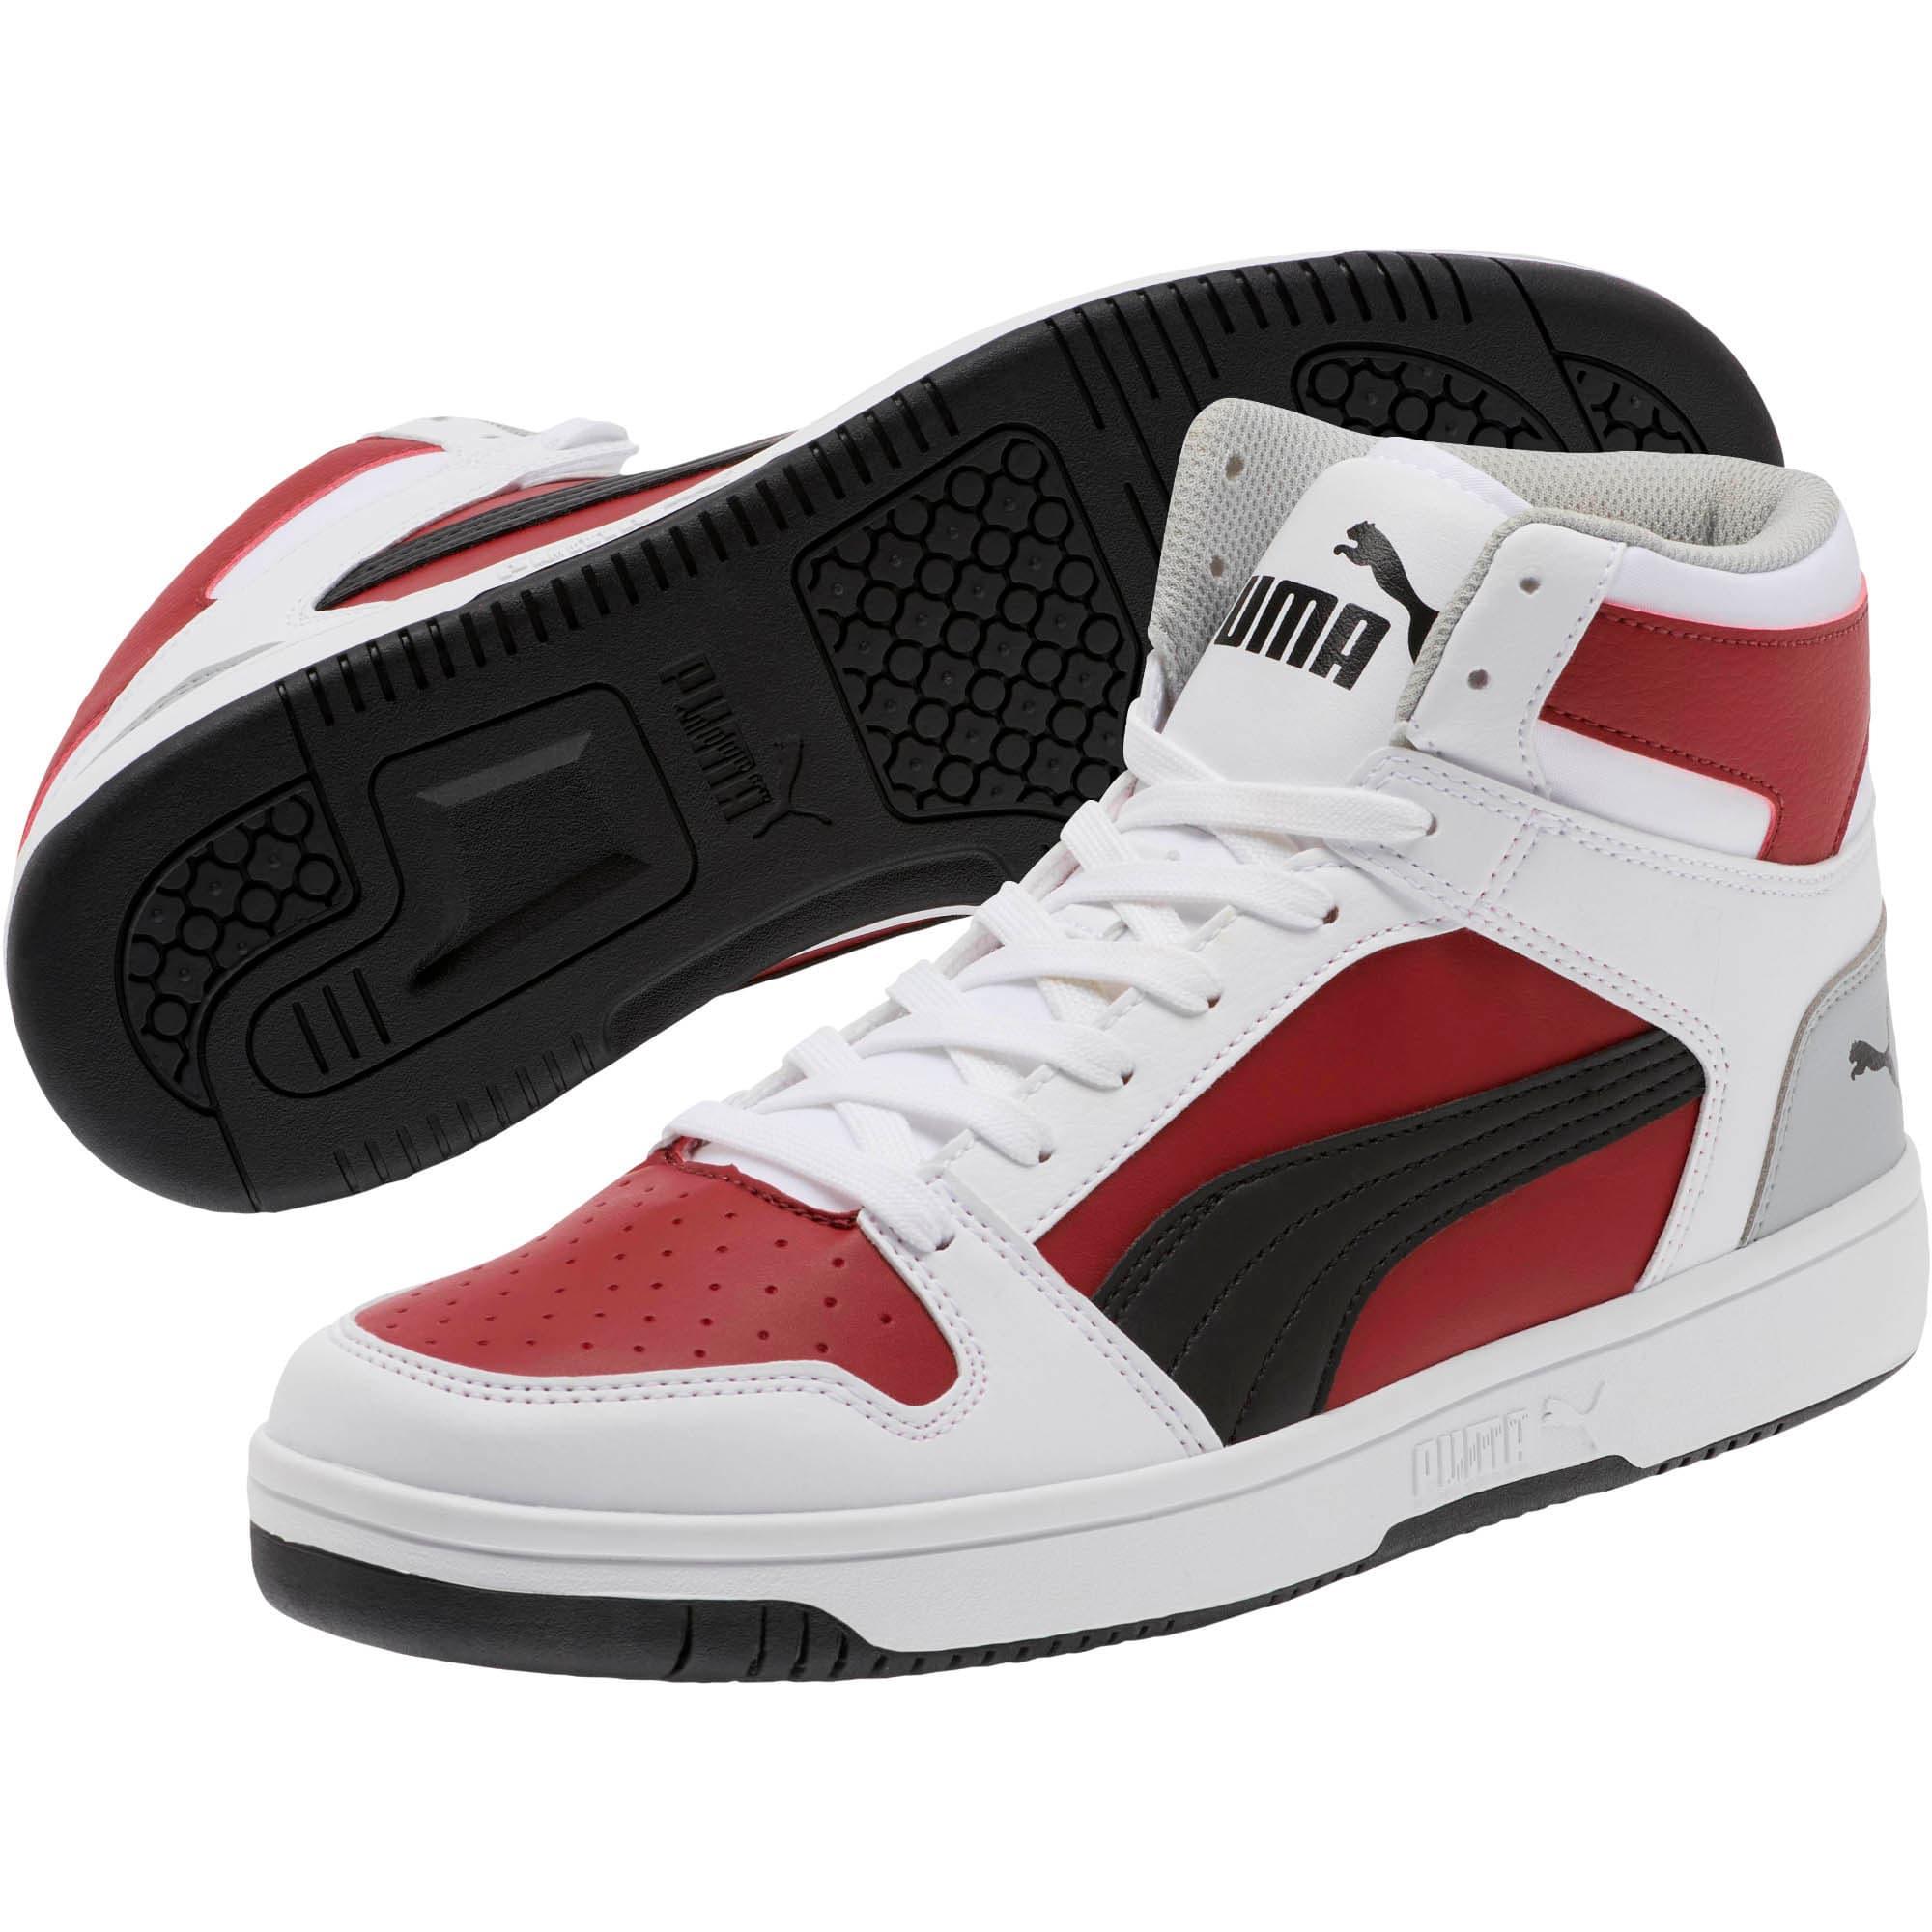 Thumbnail 2 of PUMA Rebound LayUp Sneakers, White-Black-Rhubarb-HighRise, medium